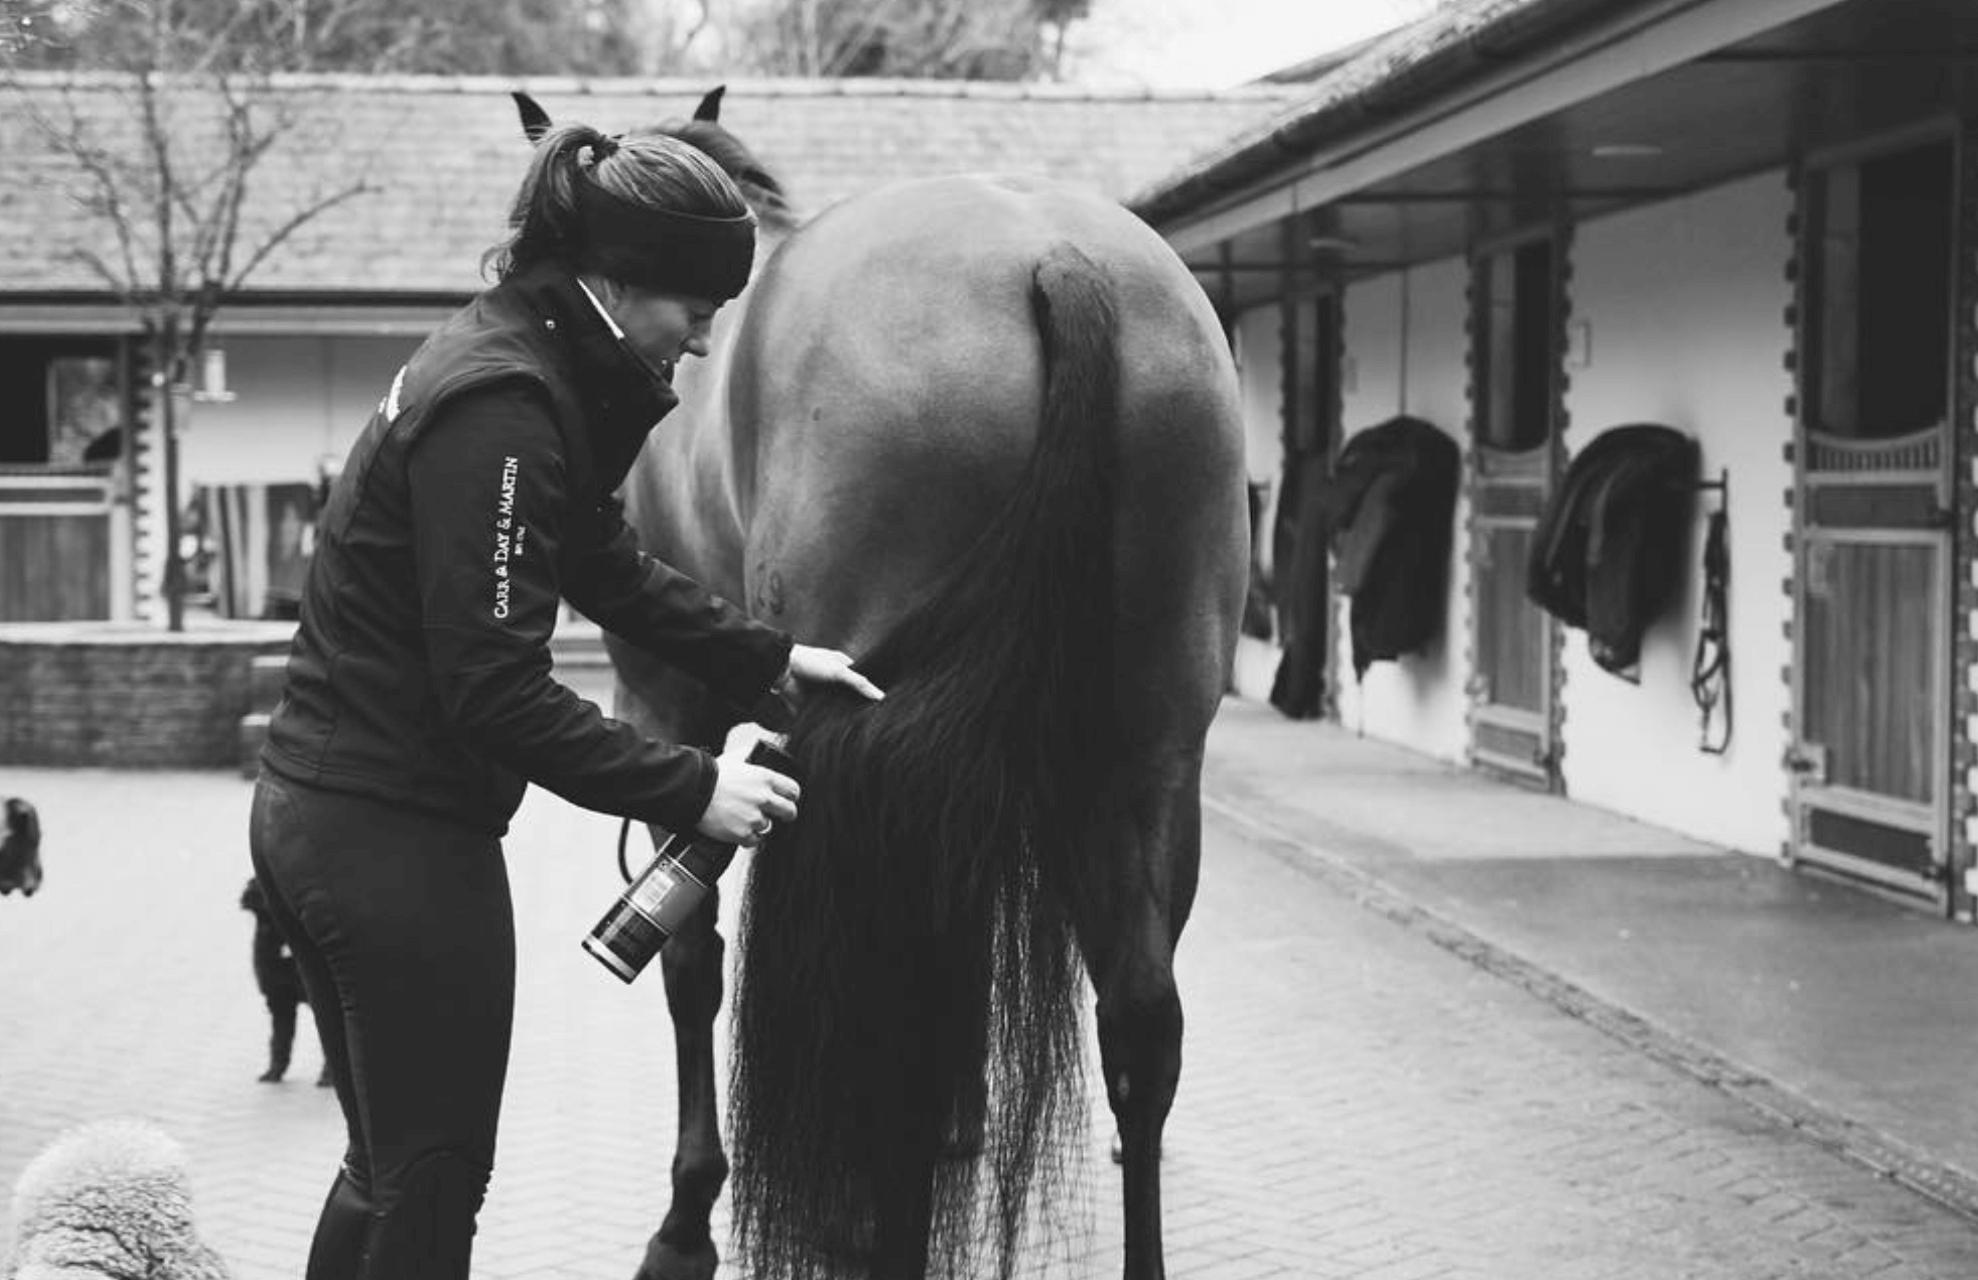 Pleje af hesten